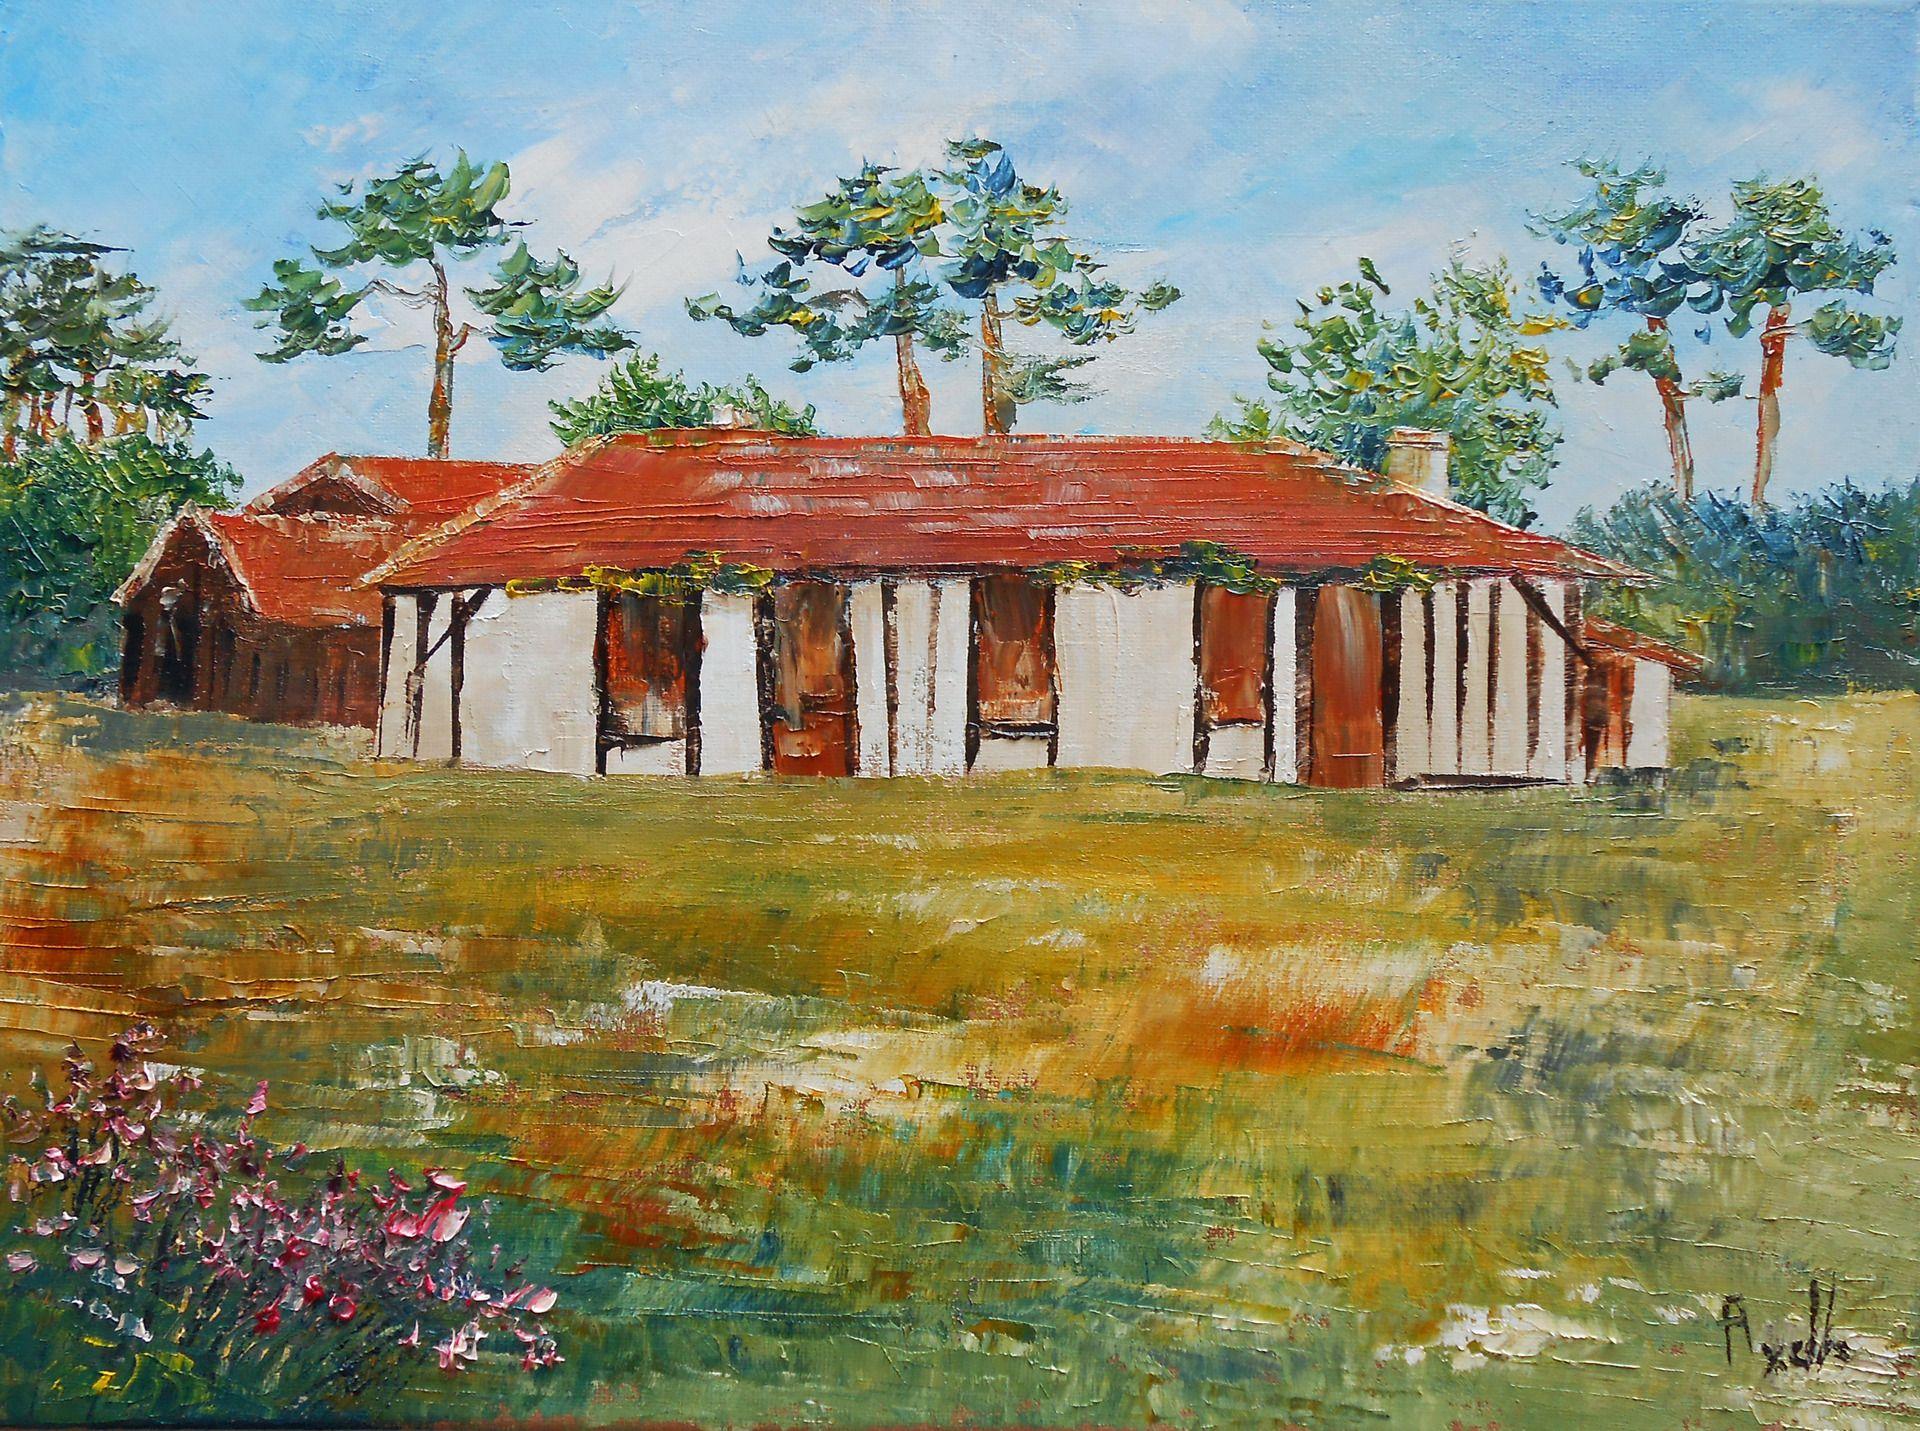 tableau la maison landaise antoine rose axelle bosler peintures par peintures axelle bosler. Black Bedroom Furniture Sets. Home Design Ideas